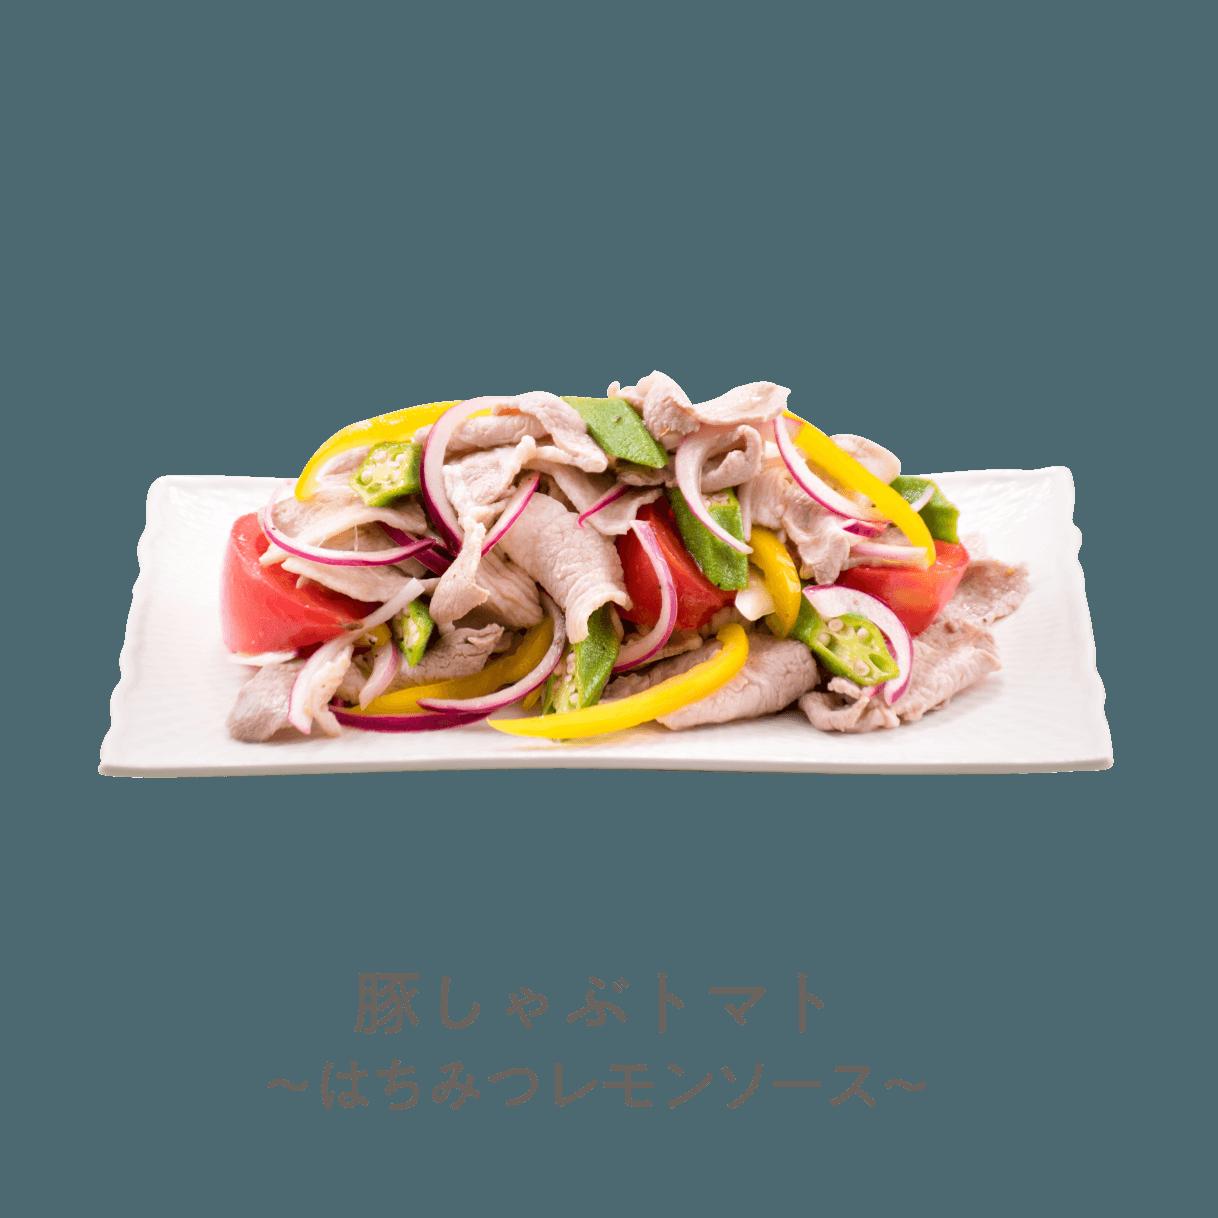 豚しゃぶトマト ~はちみつレモンソース~